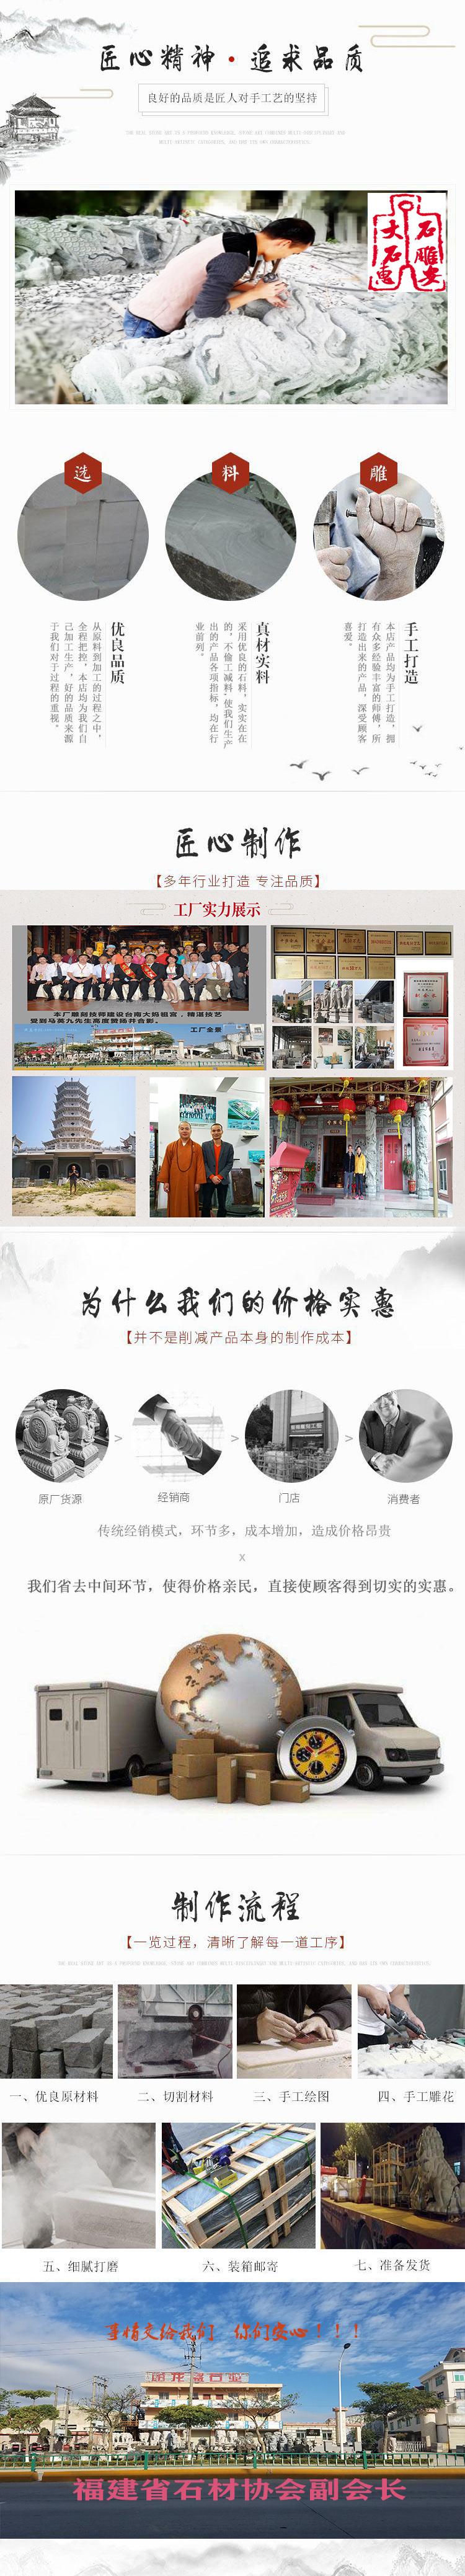 深圳石雕孔子像 孔子雕像 惠安石雕示例图6